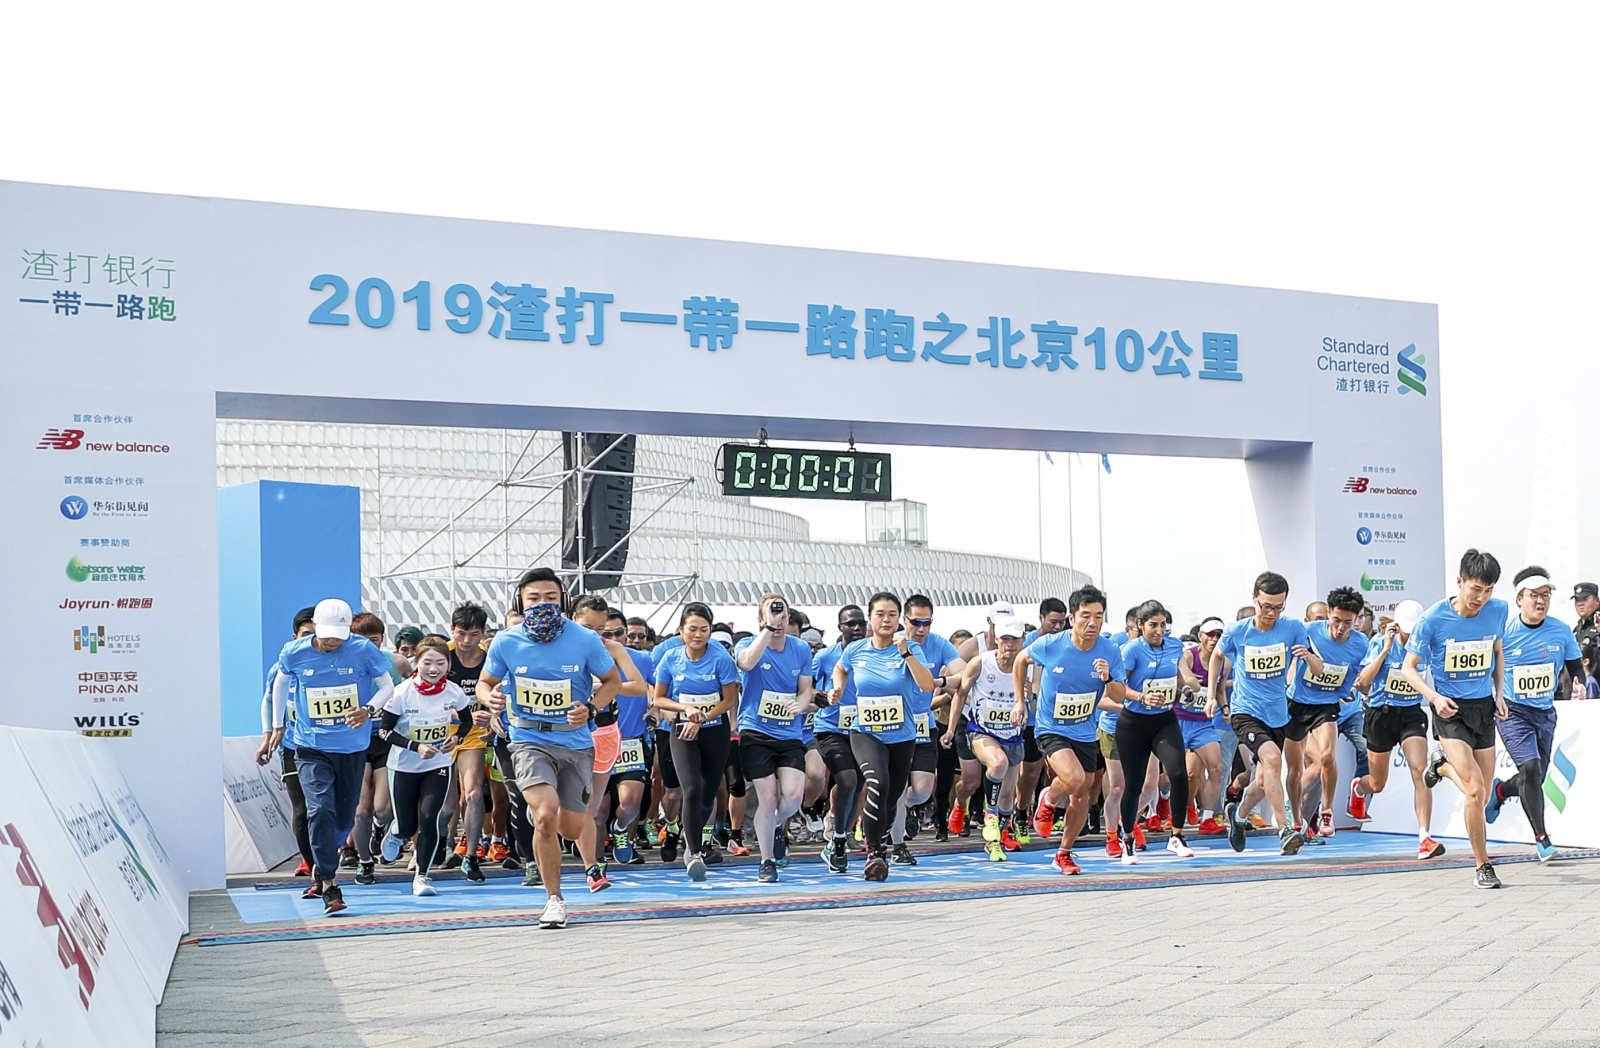 """渣打北京10公里鸣枪开跑 """"众行·致远""""点燃京城运动激情"""